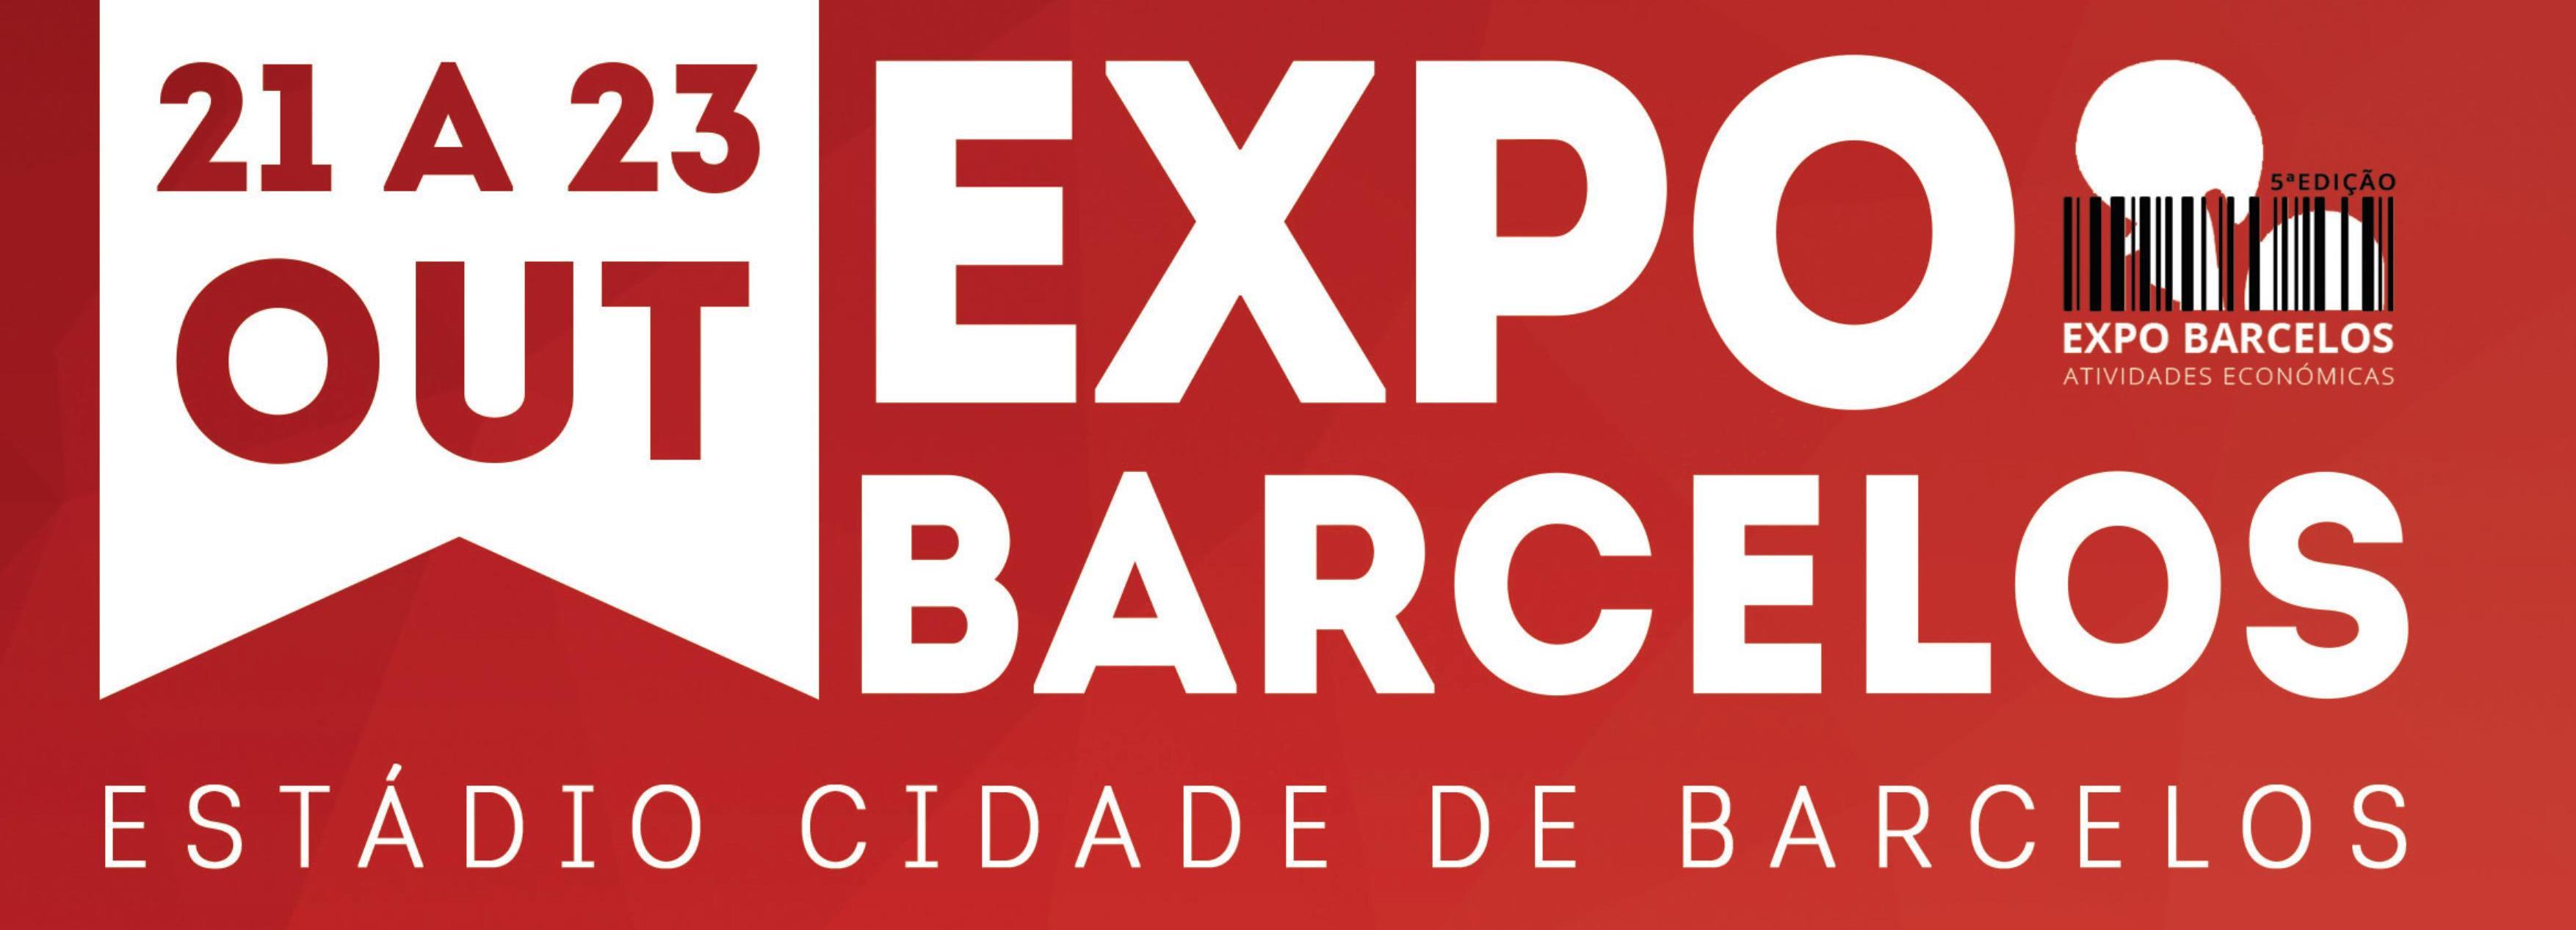 Expobarcelos 2016 - 5.ª Exposição de Atividades Económicas